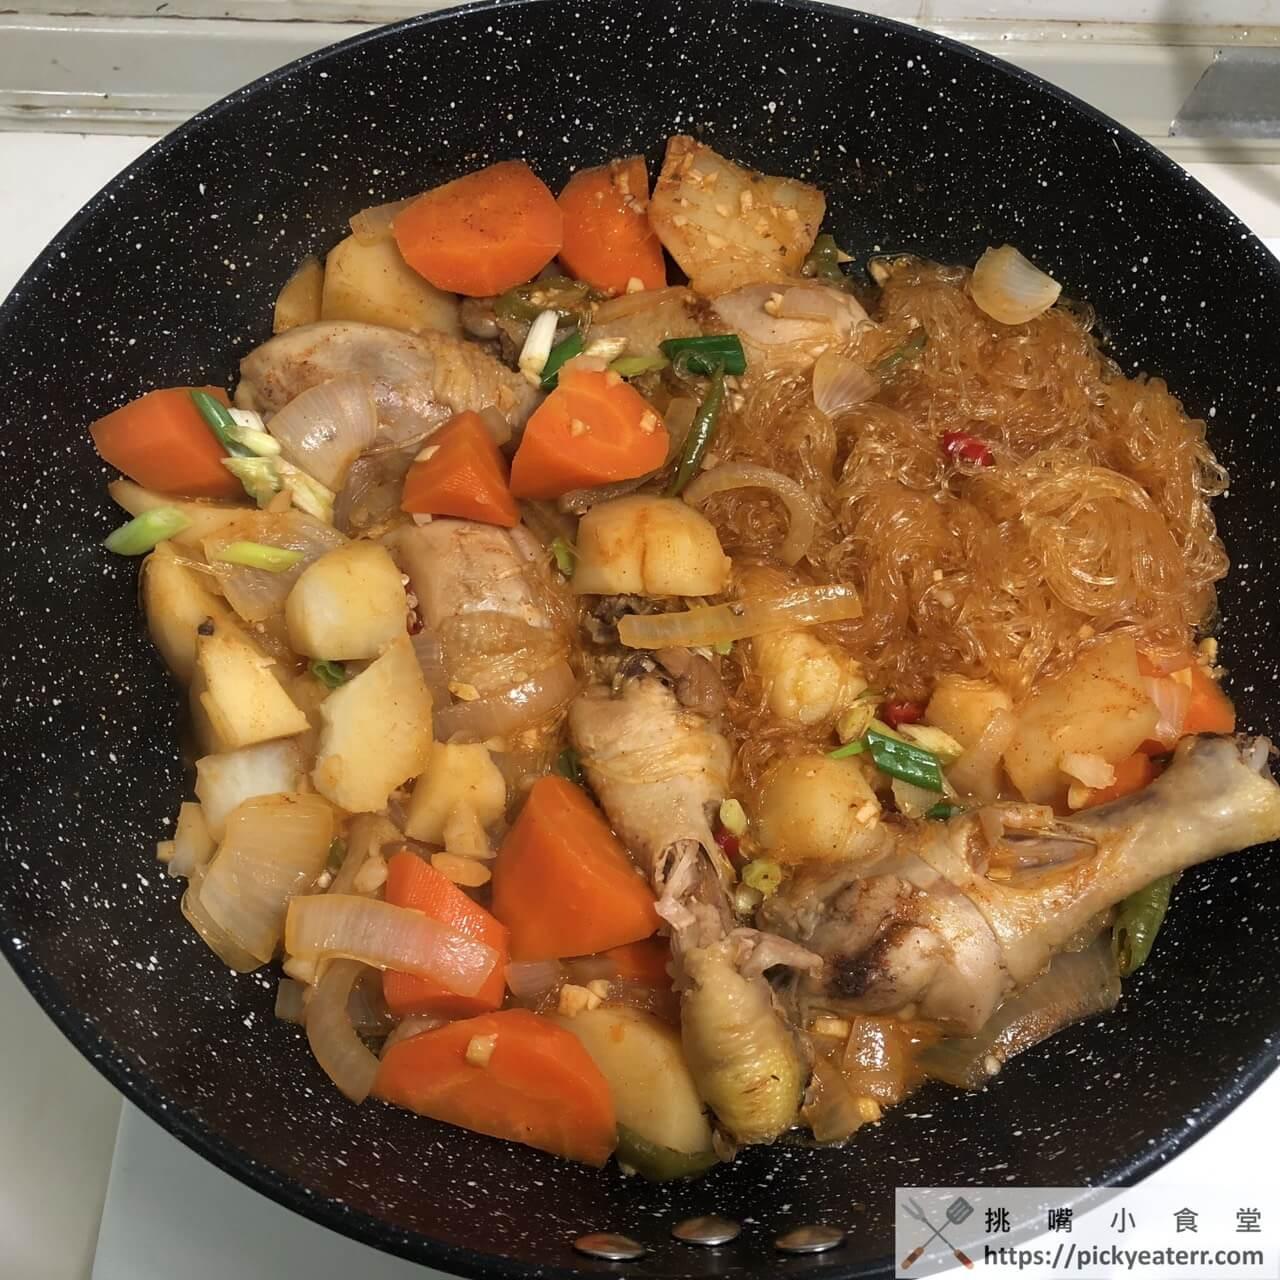 【高蛋白料理】韓式安東燉雞|微辣雞腿好入味。吃到暖心又暖胃!